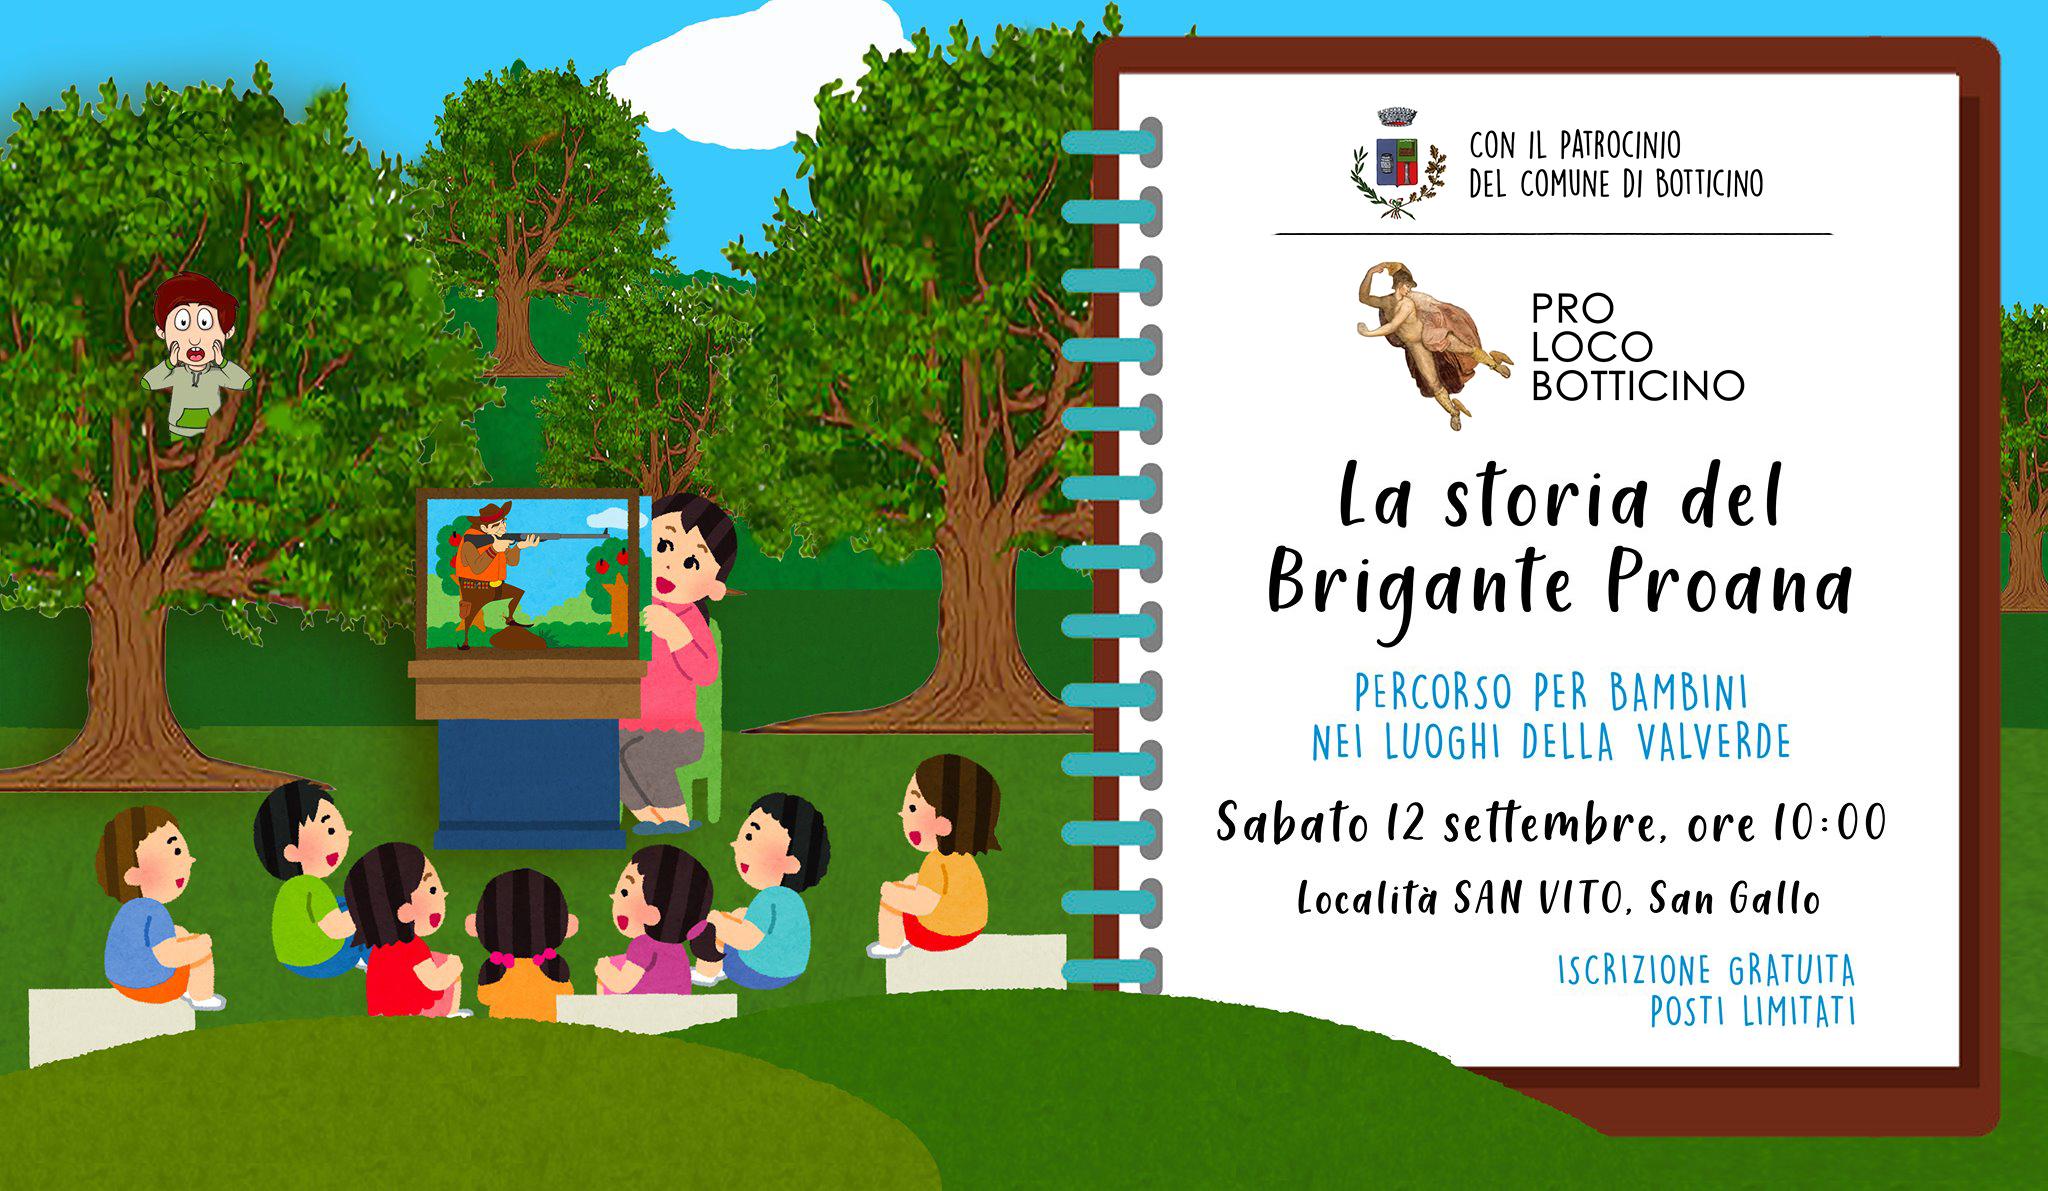 Pro Loco Botticino - La storia del Brigane Proana